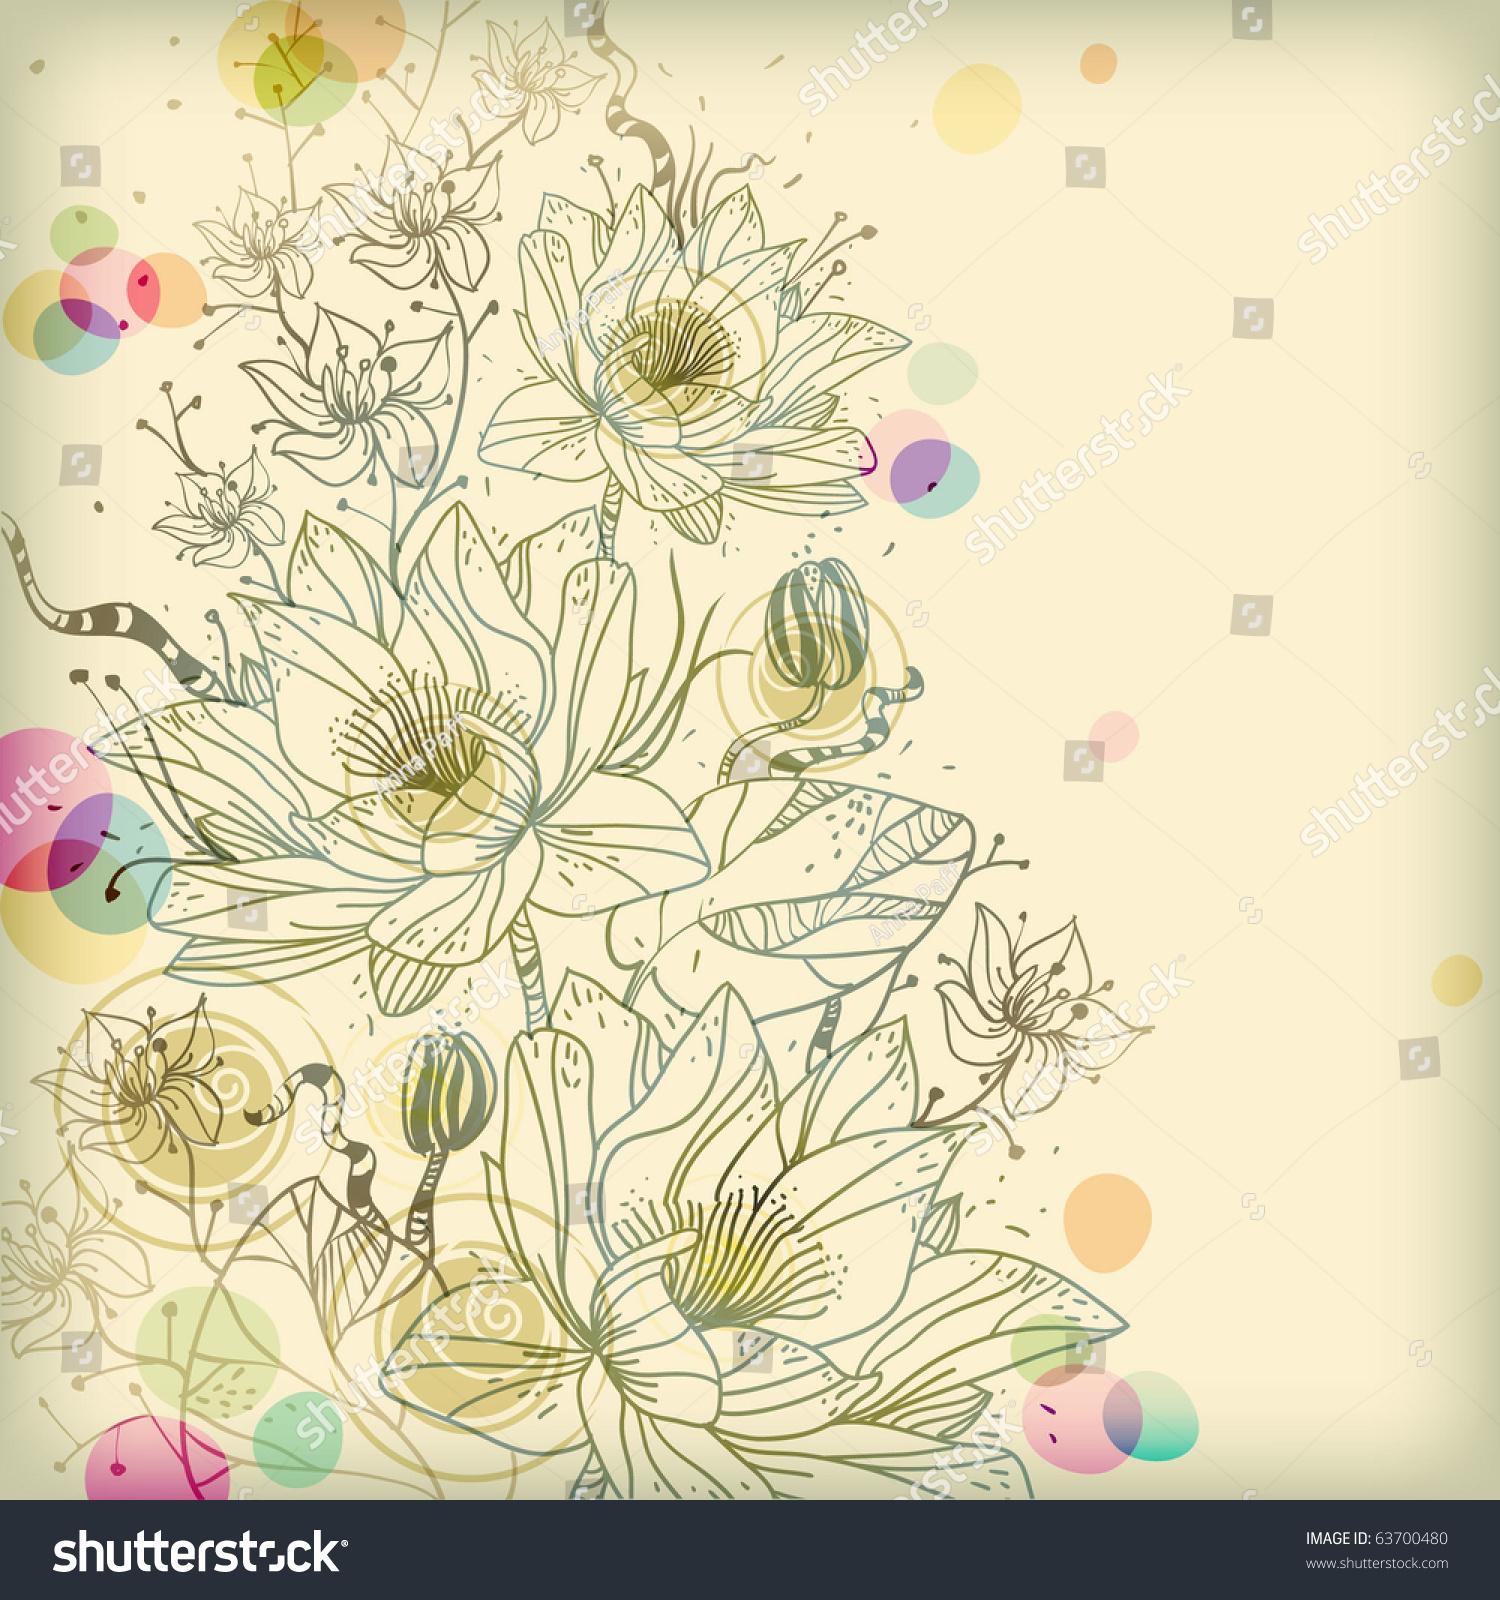 eps10背景与手绘睡莲